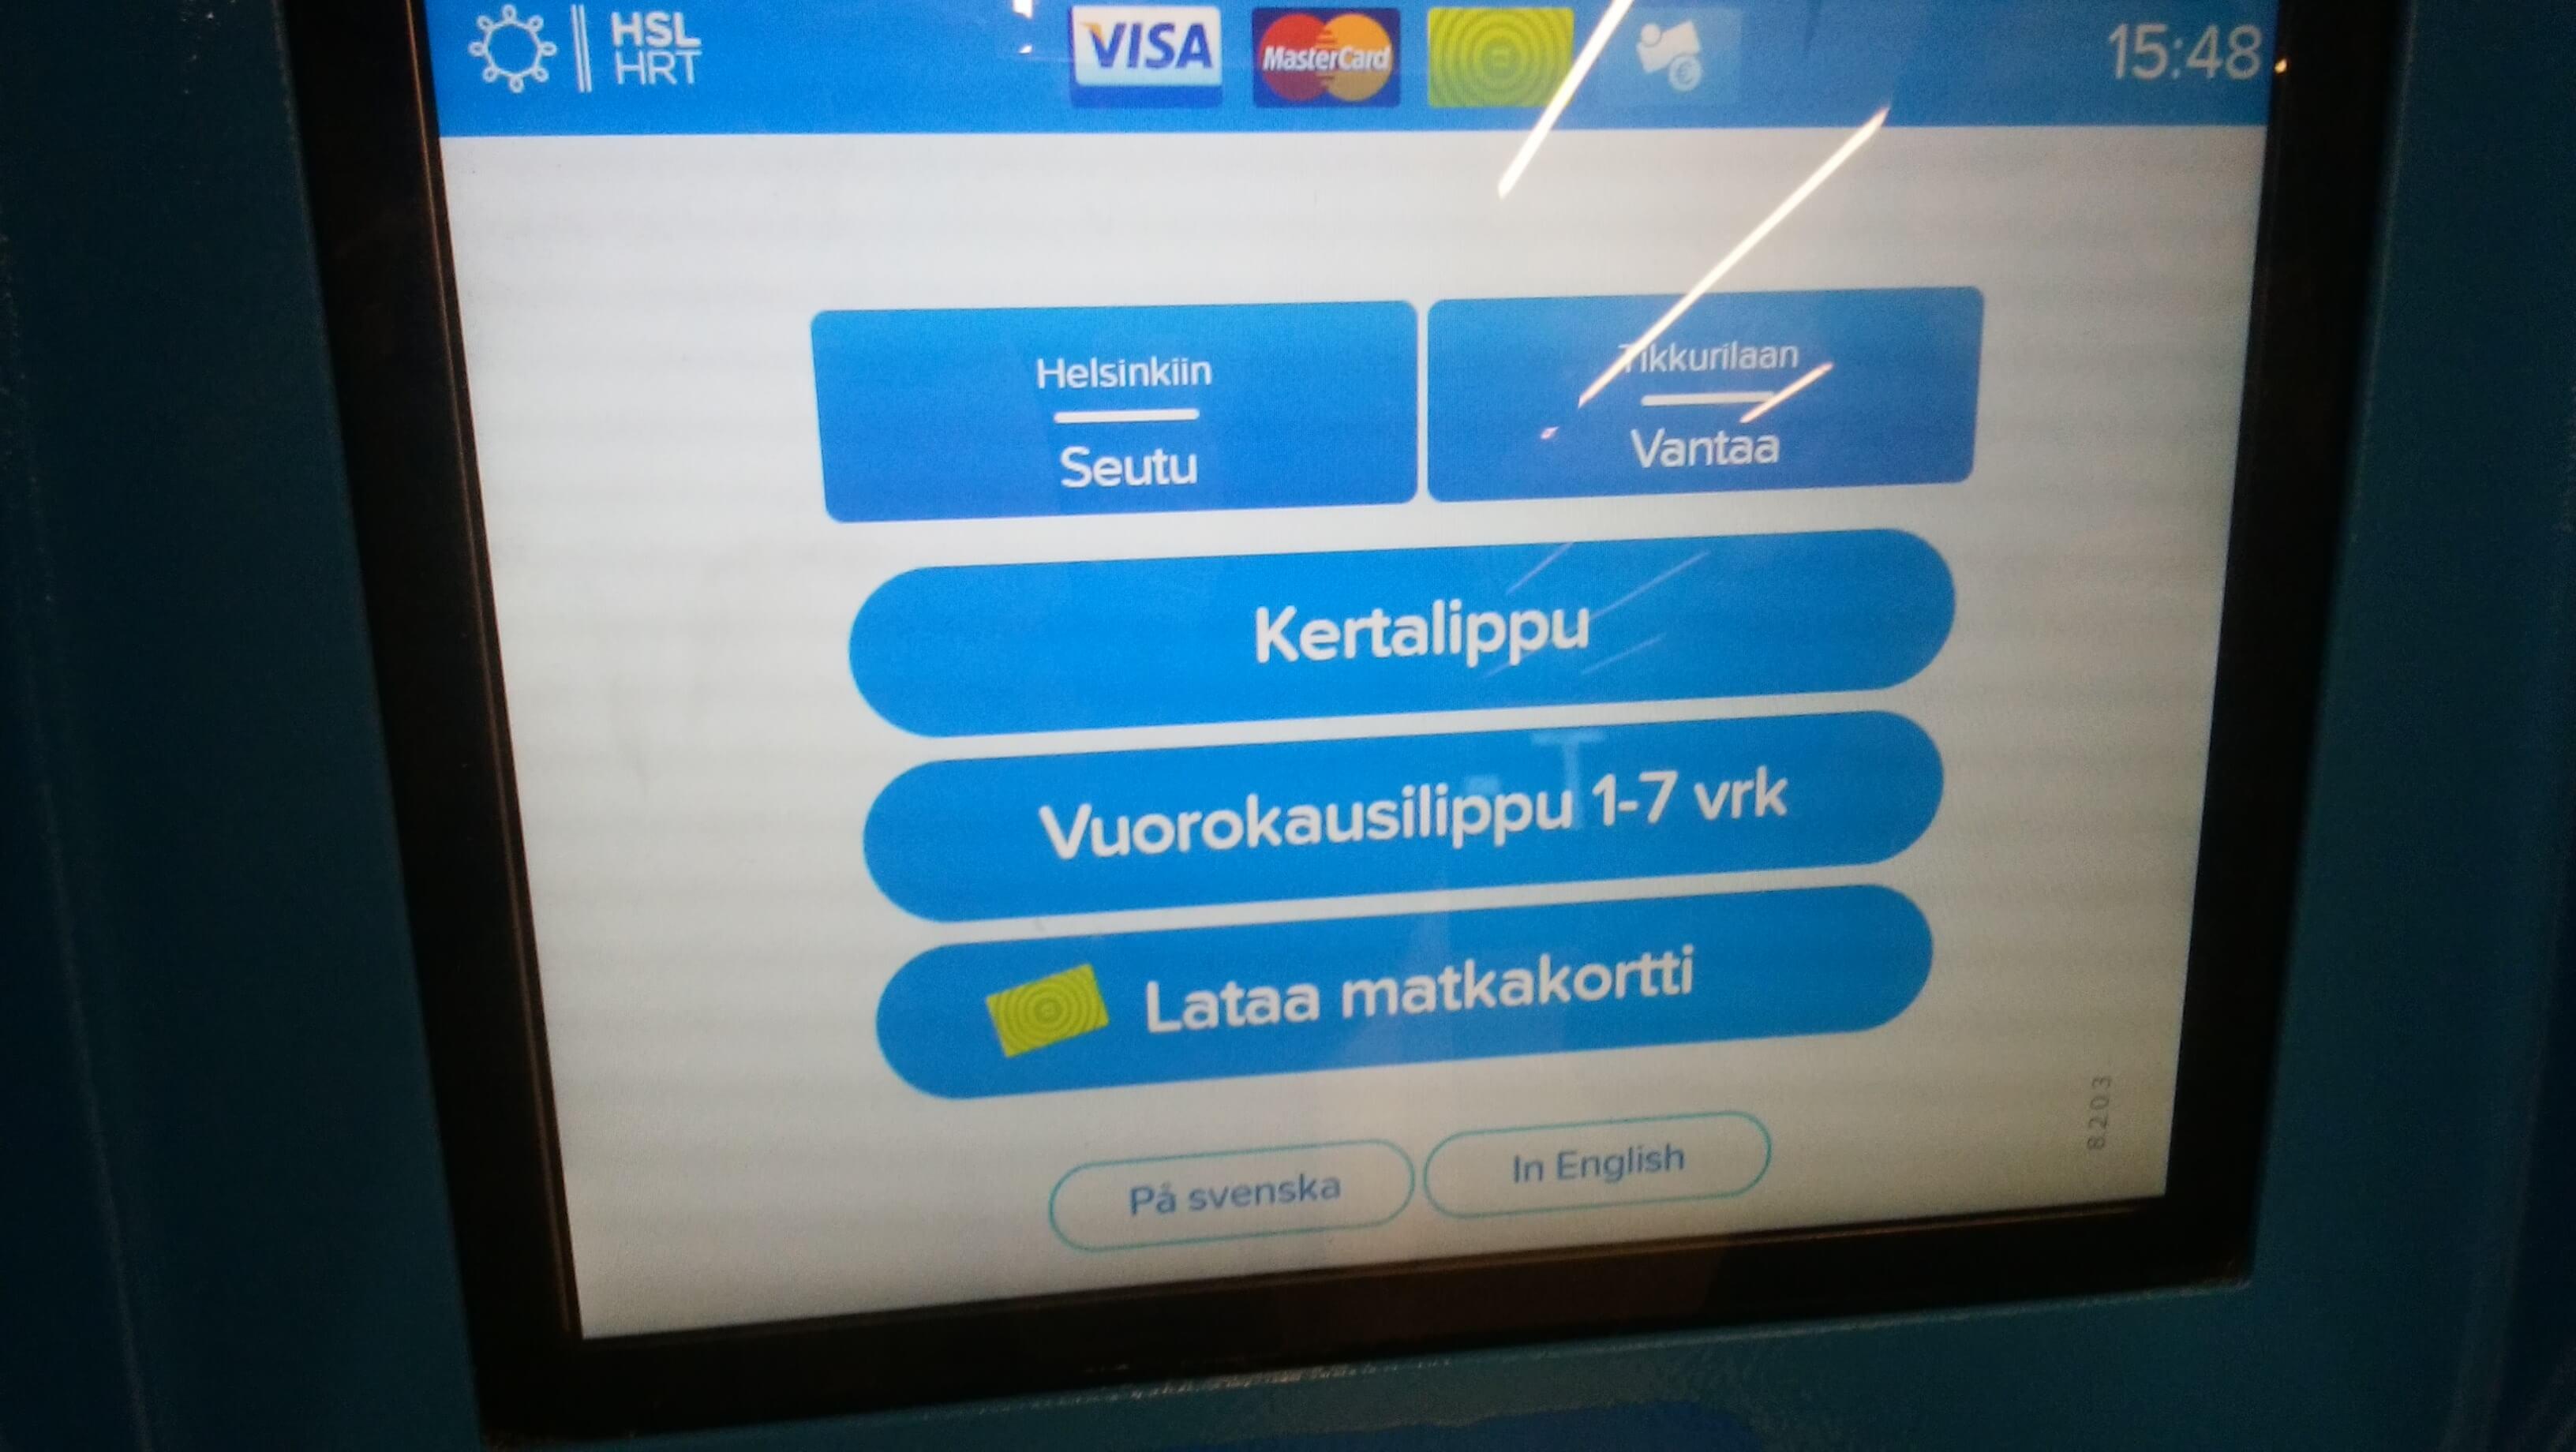 画面の下部には「IN English」と書かれているので、英語で購入することができる